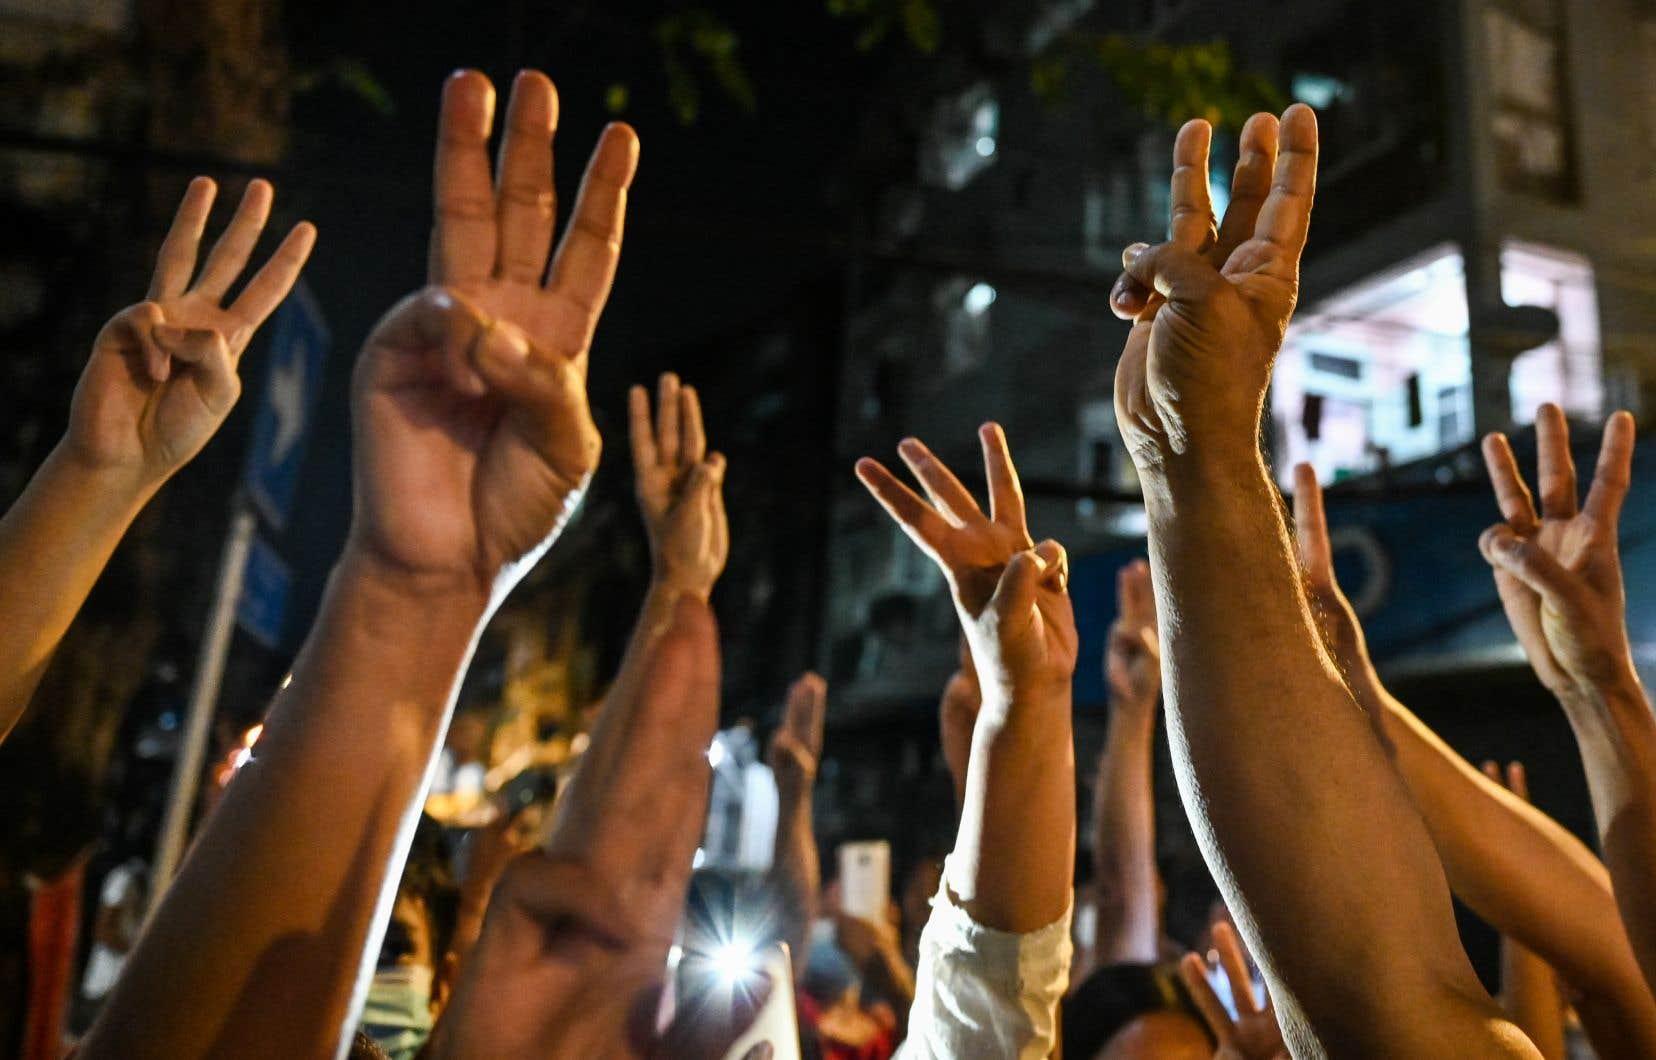 Des manifestants rassemblés à Rangoun, mercredi, font le salut à trois doigts, un geste de résistance déjà adopté par les militants pro-démocratie à Hong Kong ou en Thaïlande.